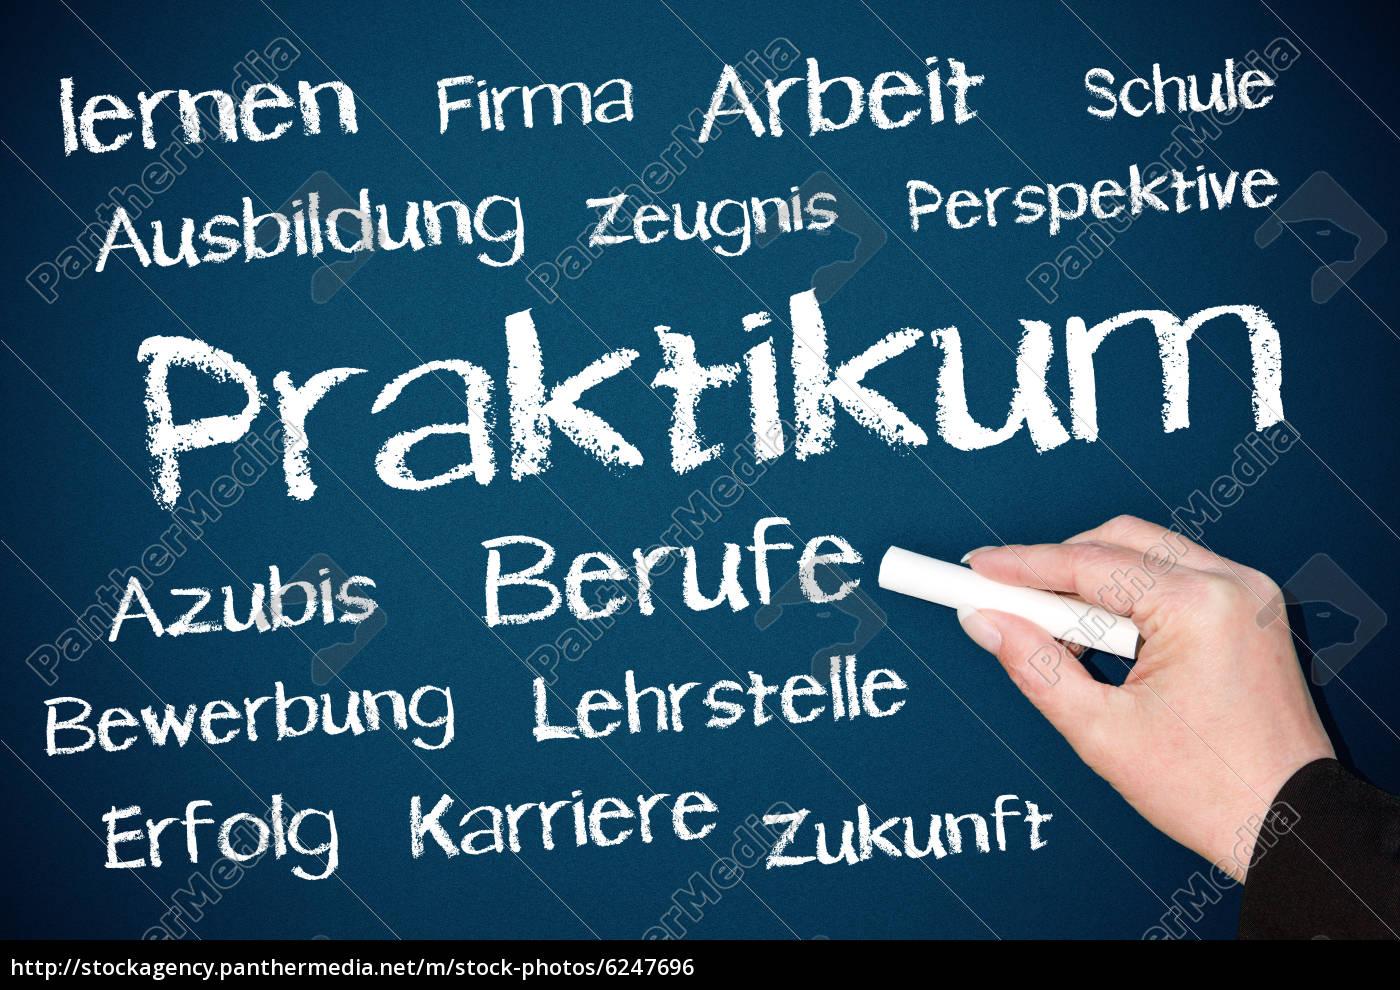 Praktikum - Arbeit und Beruf - Lizenzfreies Foto - #6247696 ...